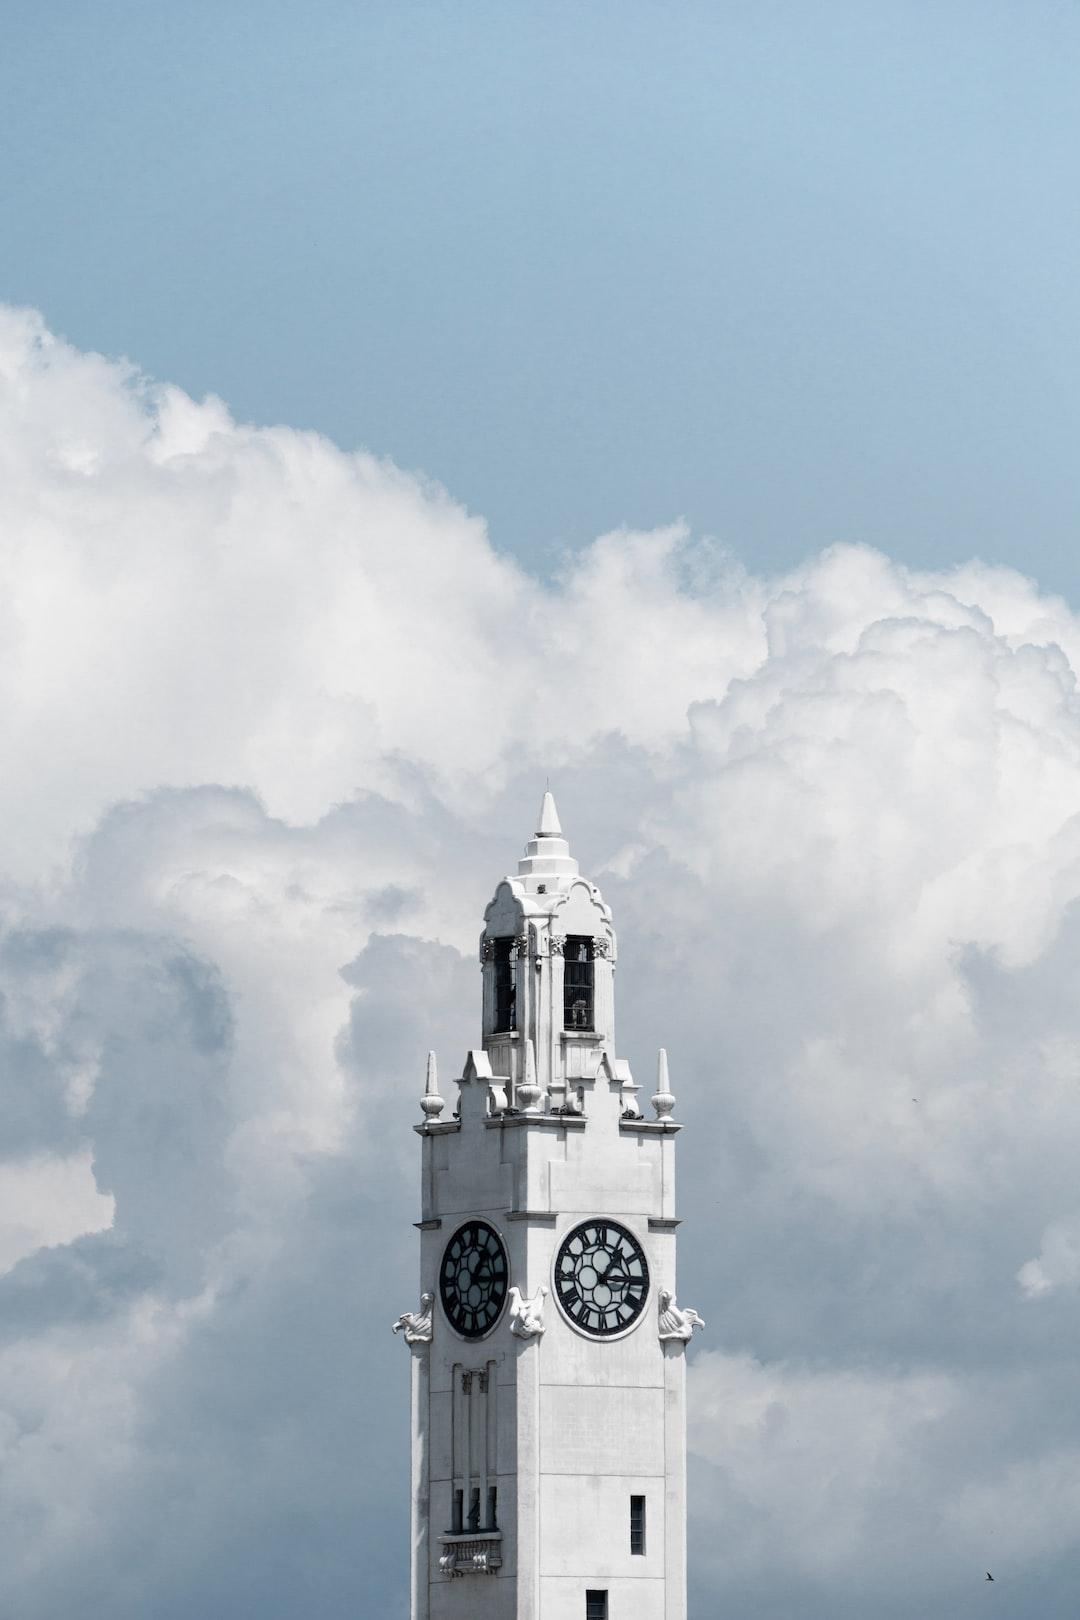 Tour de l'horloge, Vieux-Port de Montréal